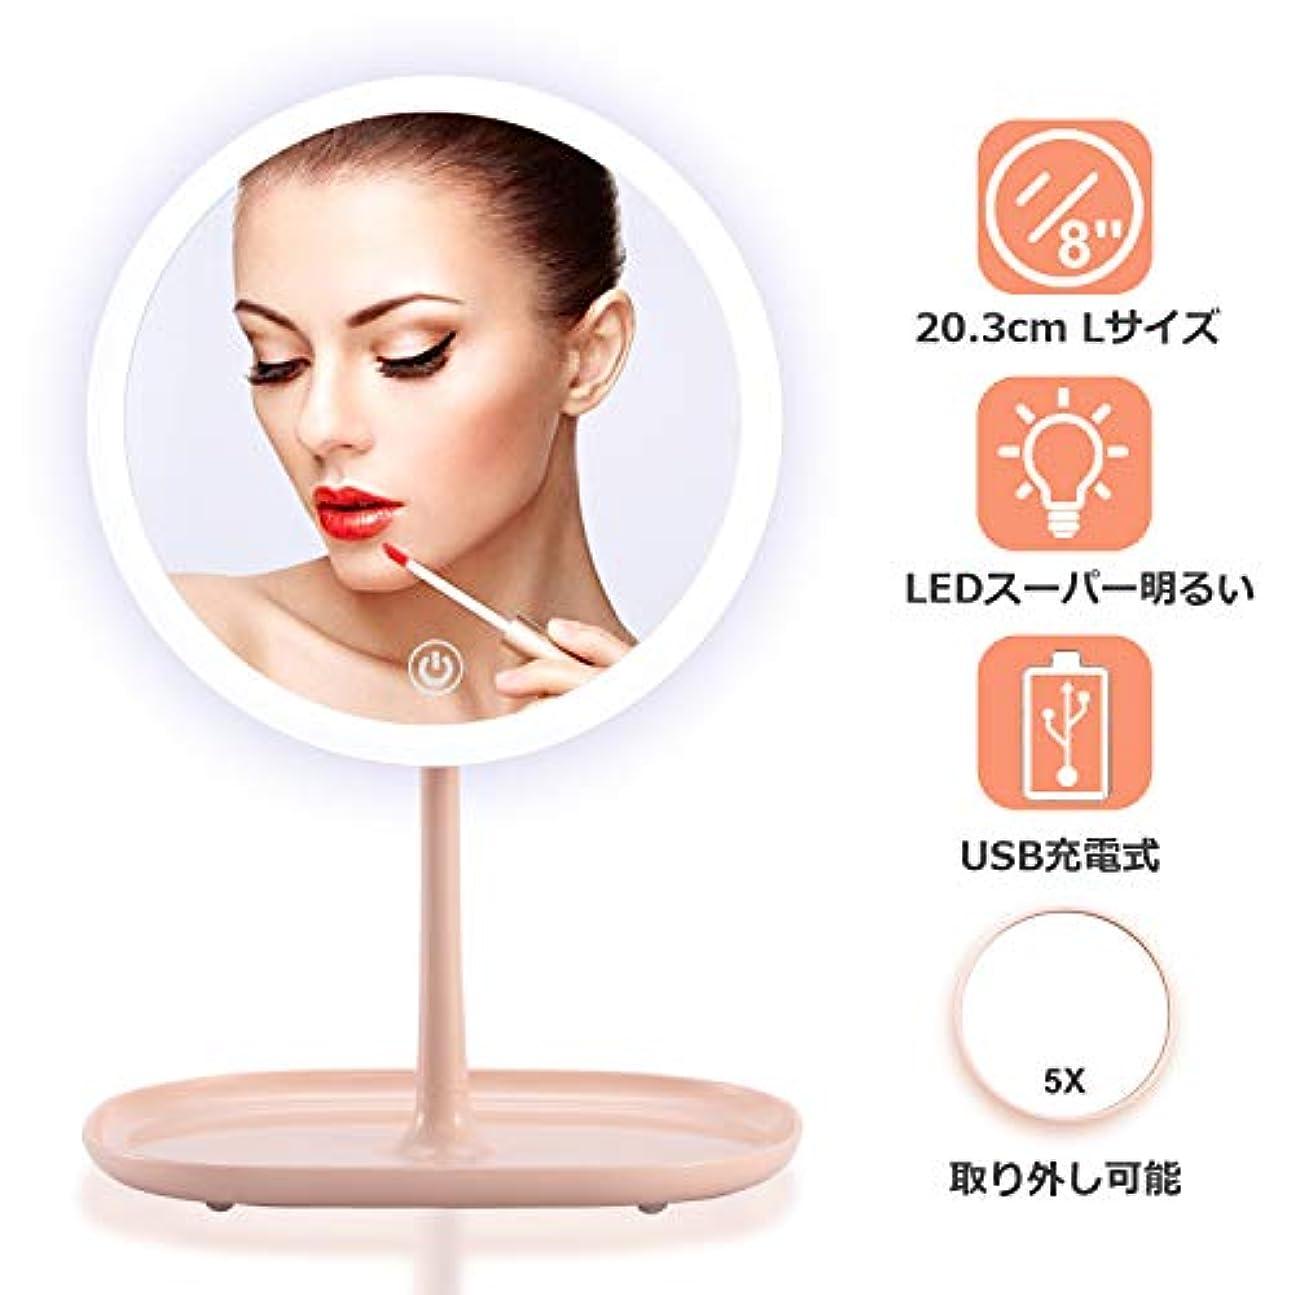 エンディング聖書消費者化粧鏡 卓上ミラー 女優ミラー LEDミラー スタンドミラー USB充電式 5倍拡大鏡付き 明るさ階調節可能 90°回転 鏡面Φ203mm